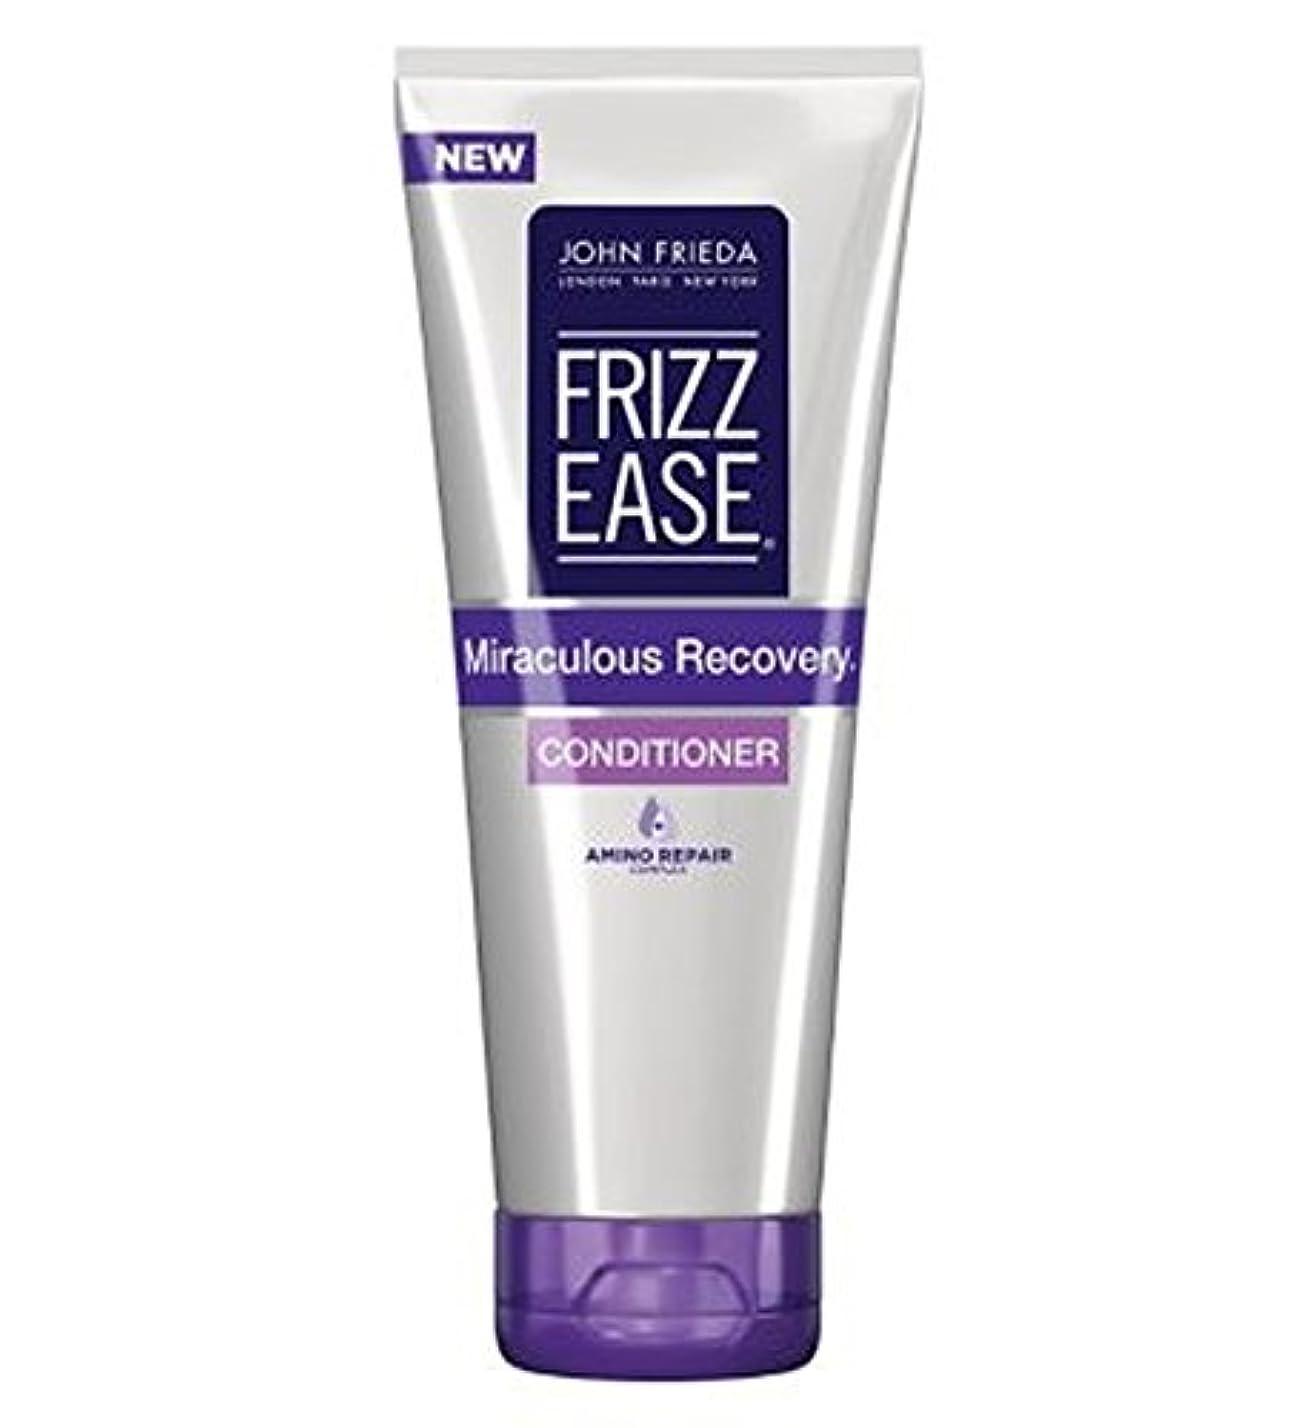 ロマンスボタンエネルギージョン?フリーダ縮れ容易奇跡的な回復コンディショナー250Ml (John Frieda) (x2) - John Frieda Frizz Ease Miraculous Recovery Conditioner 250ml...